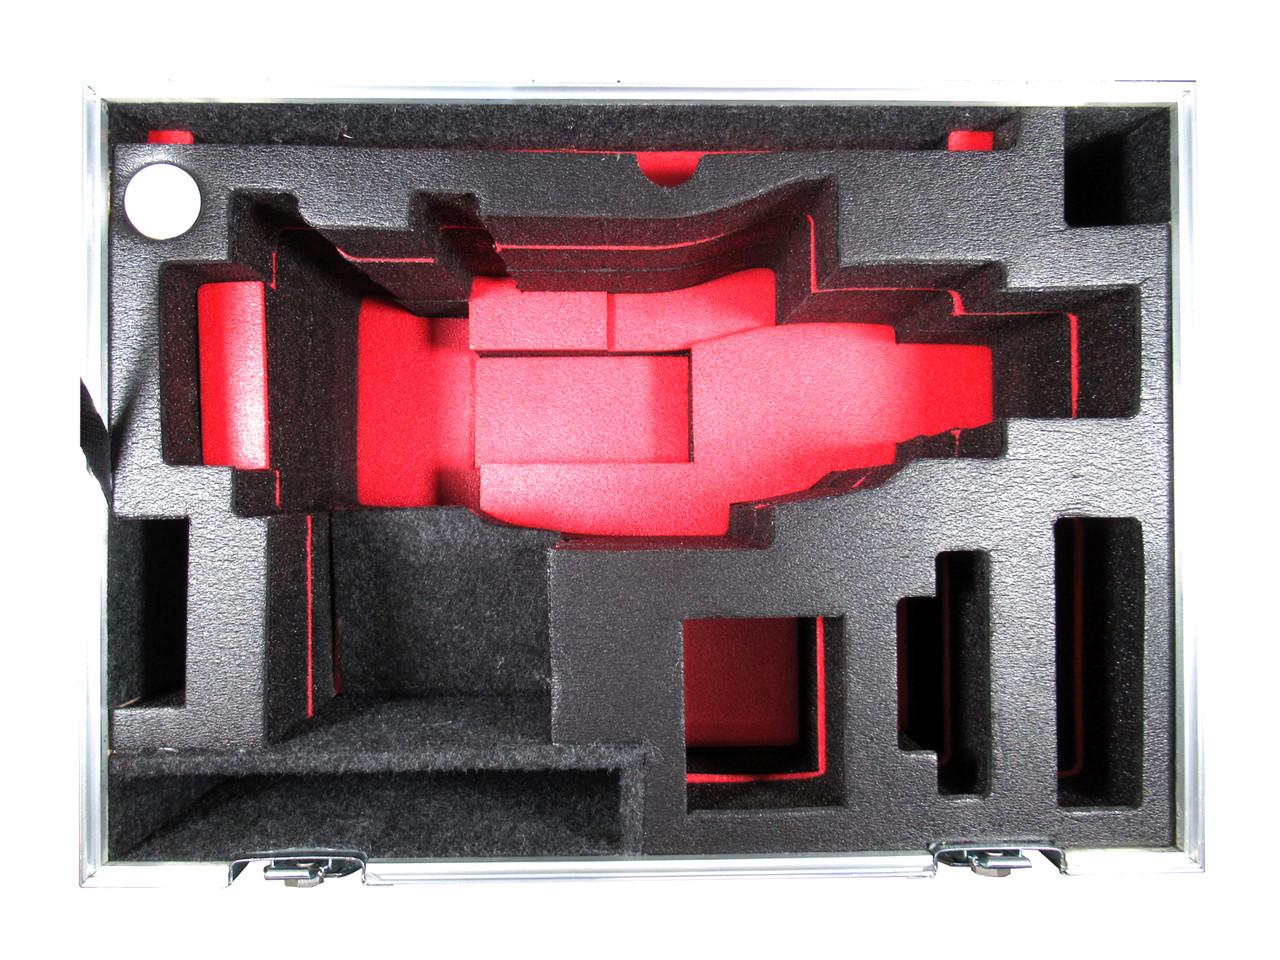 ARRI Alexa LF Camera Transport Case (Fully Built)